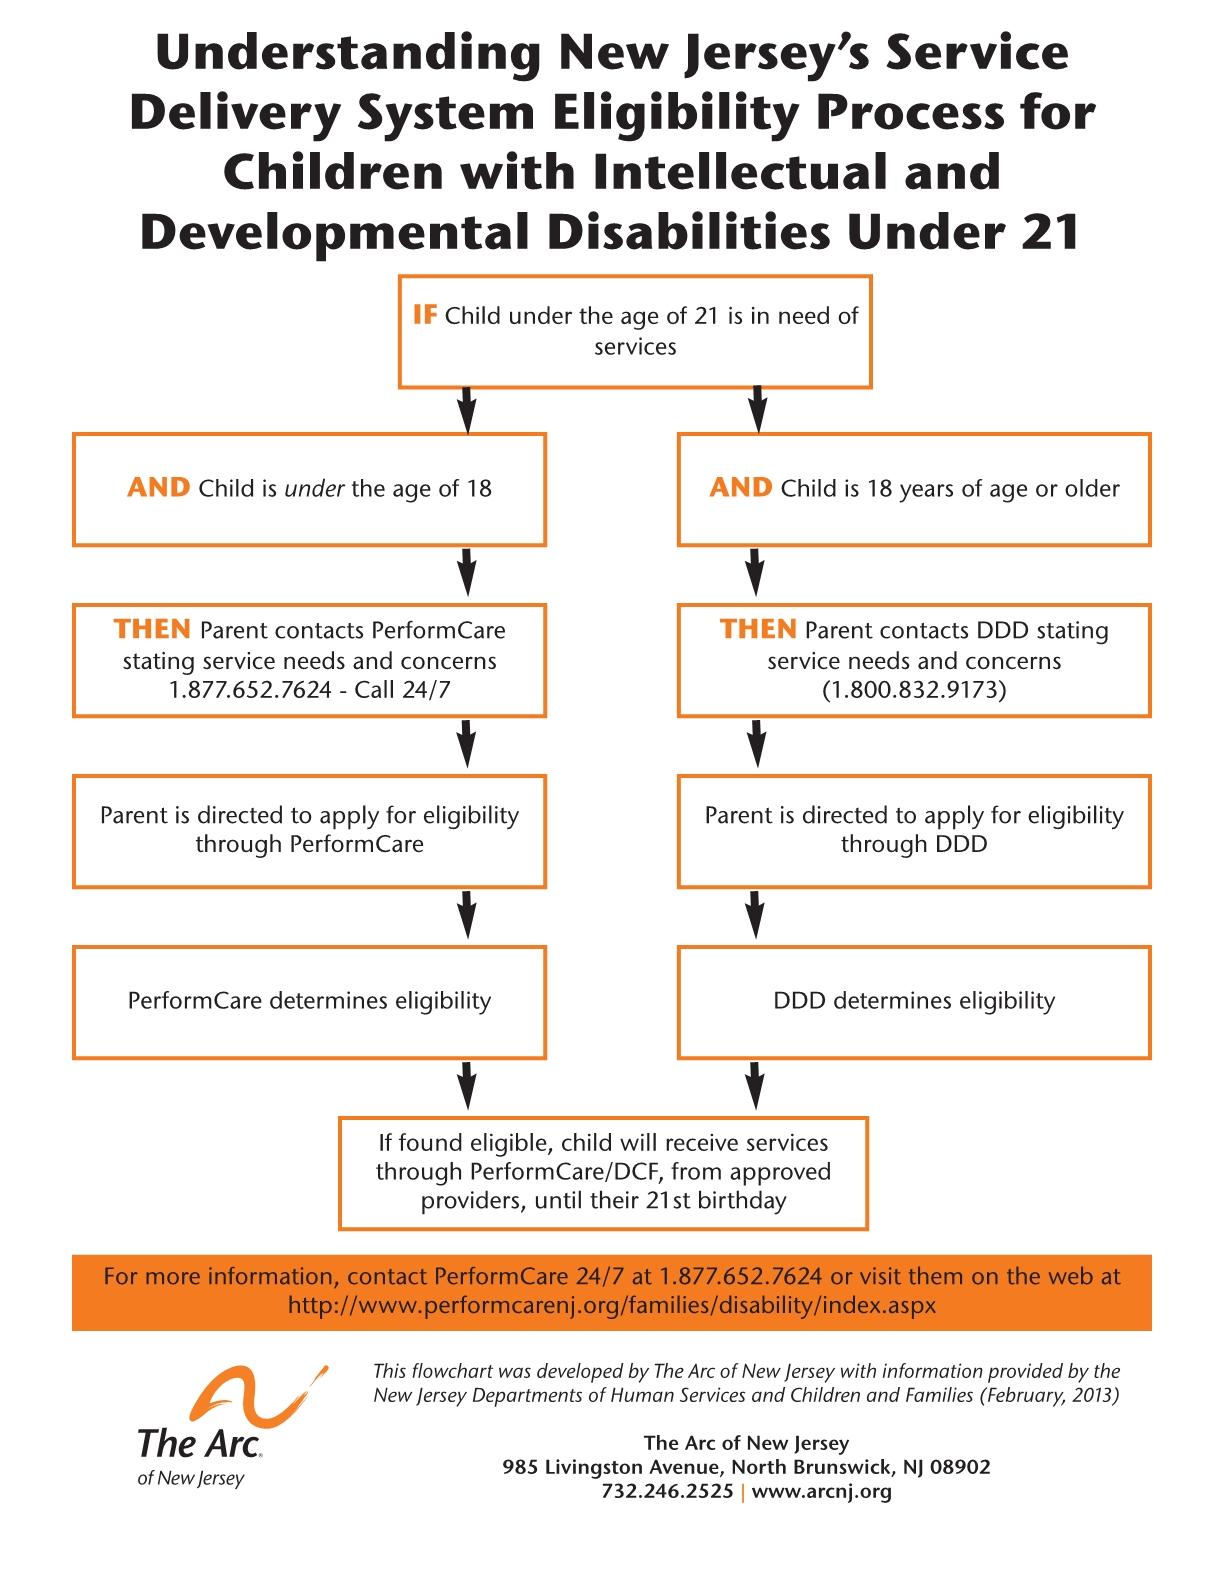 Understanding Developmental Disability State Eligibility Under 21